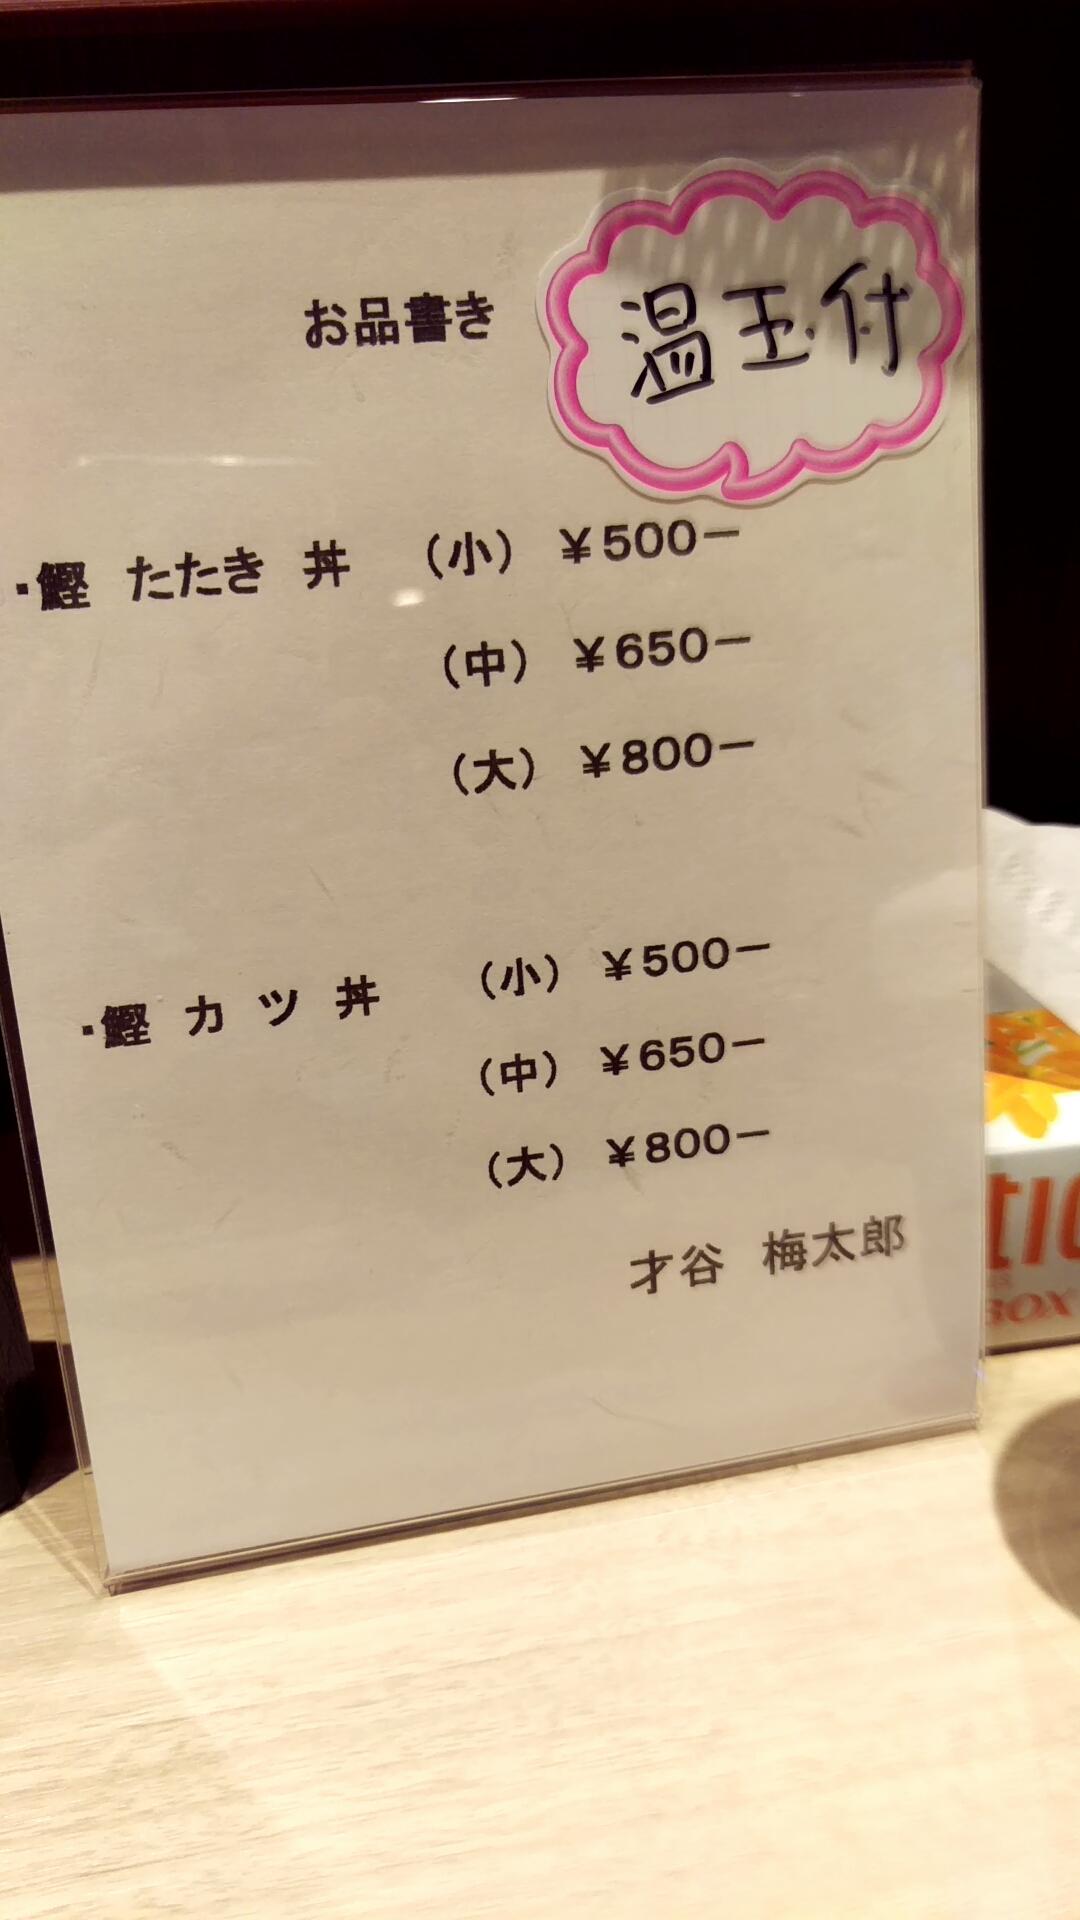 メニューは鰹たたき丼と鰹カツ丼(あと鰹のタタキなどのことが黒板に書いてある)